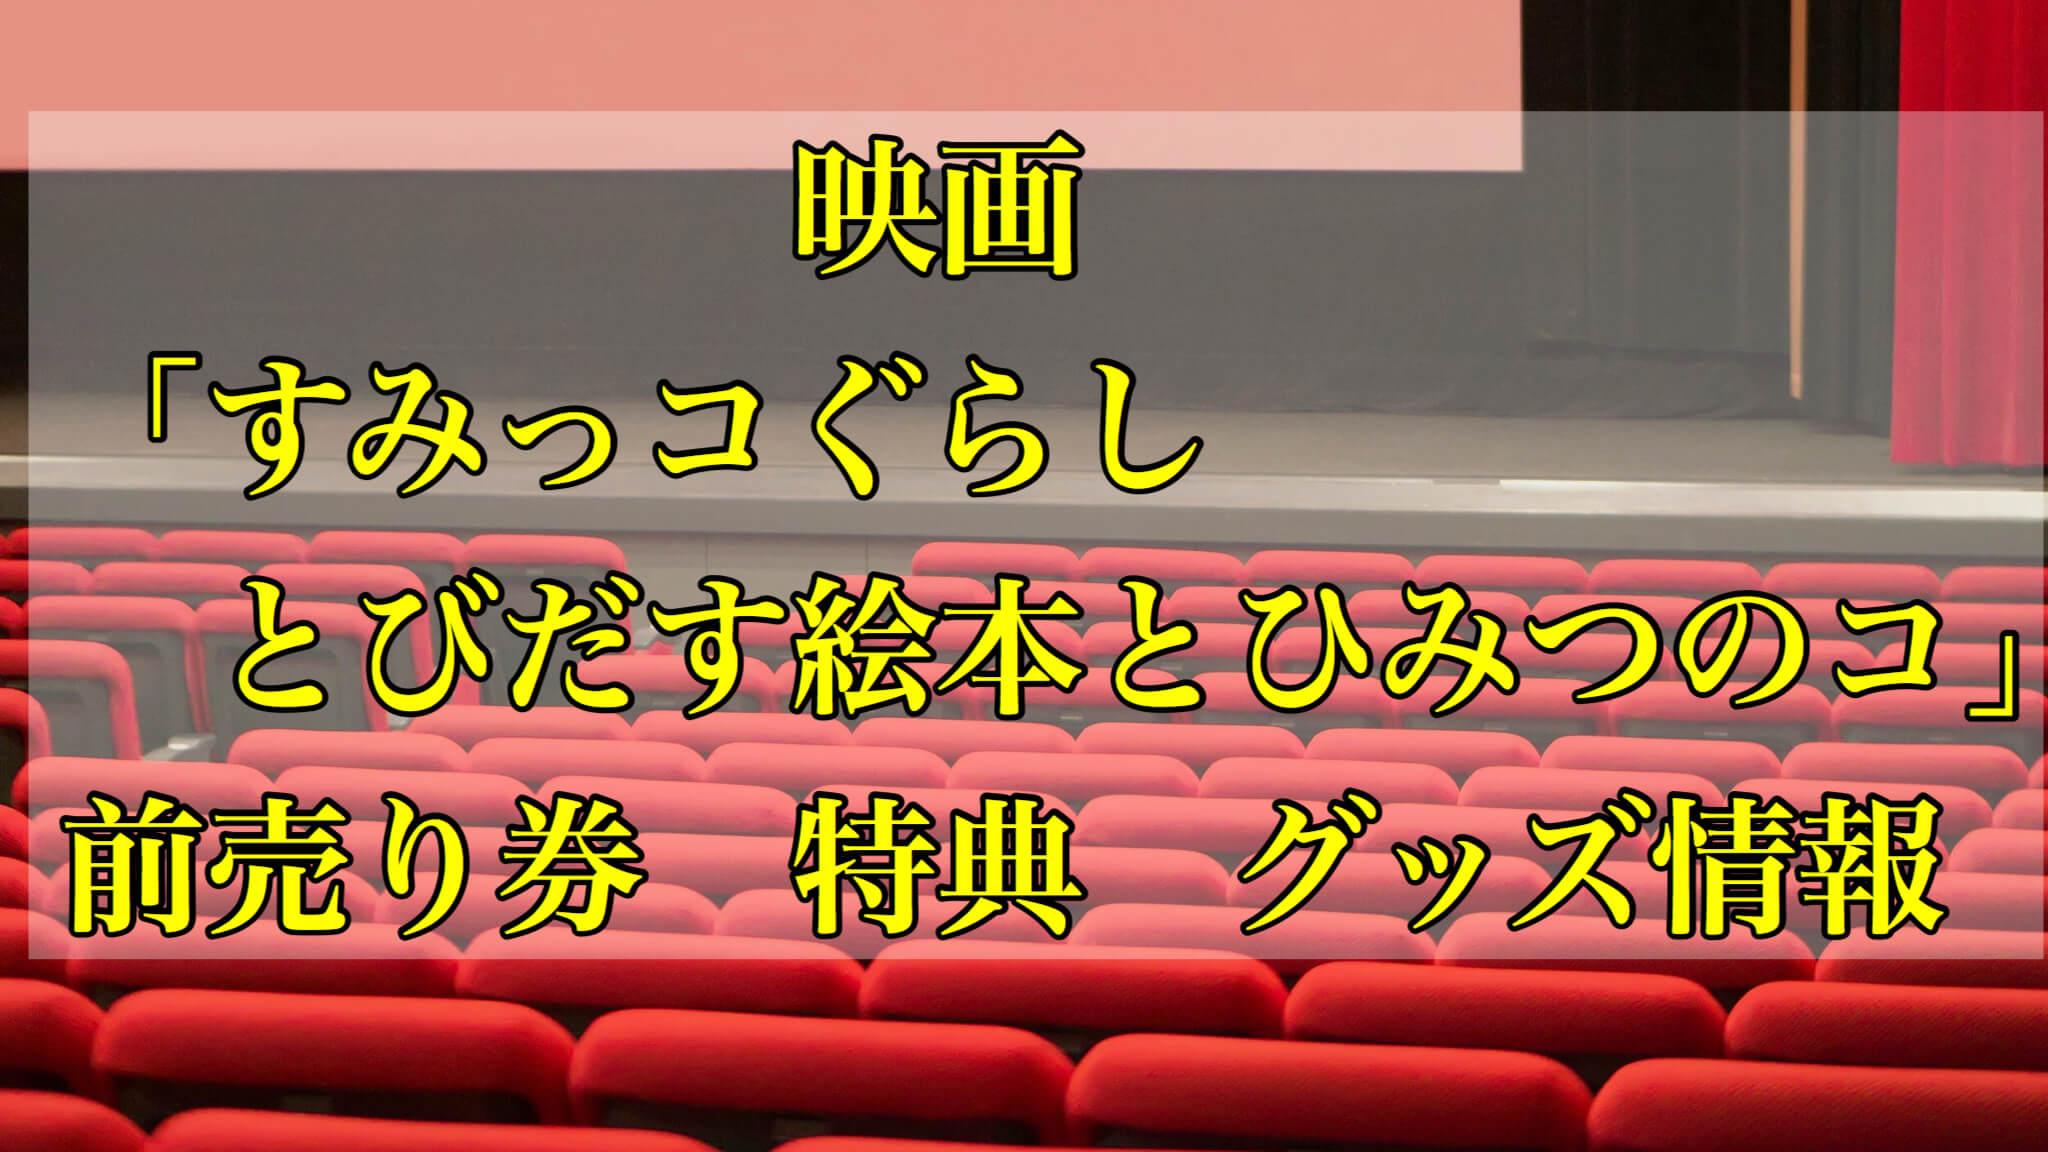 映画「すみっコぐらし とびだす絵本とひみつのコ」前売り券・特典・グッズ情報